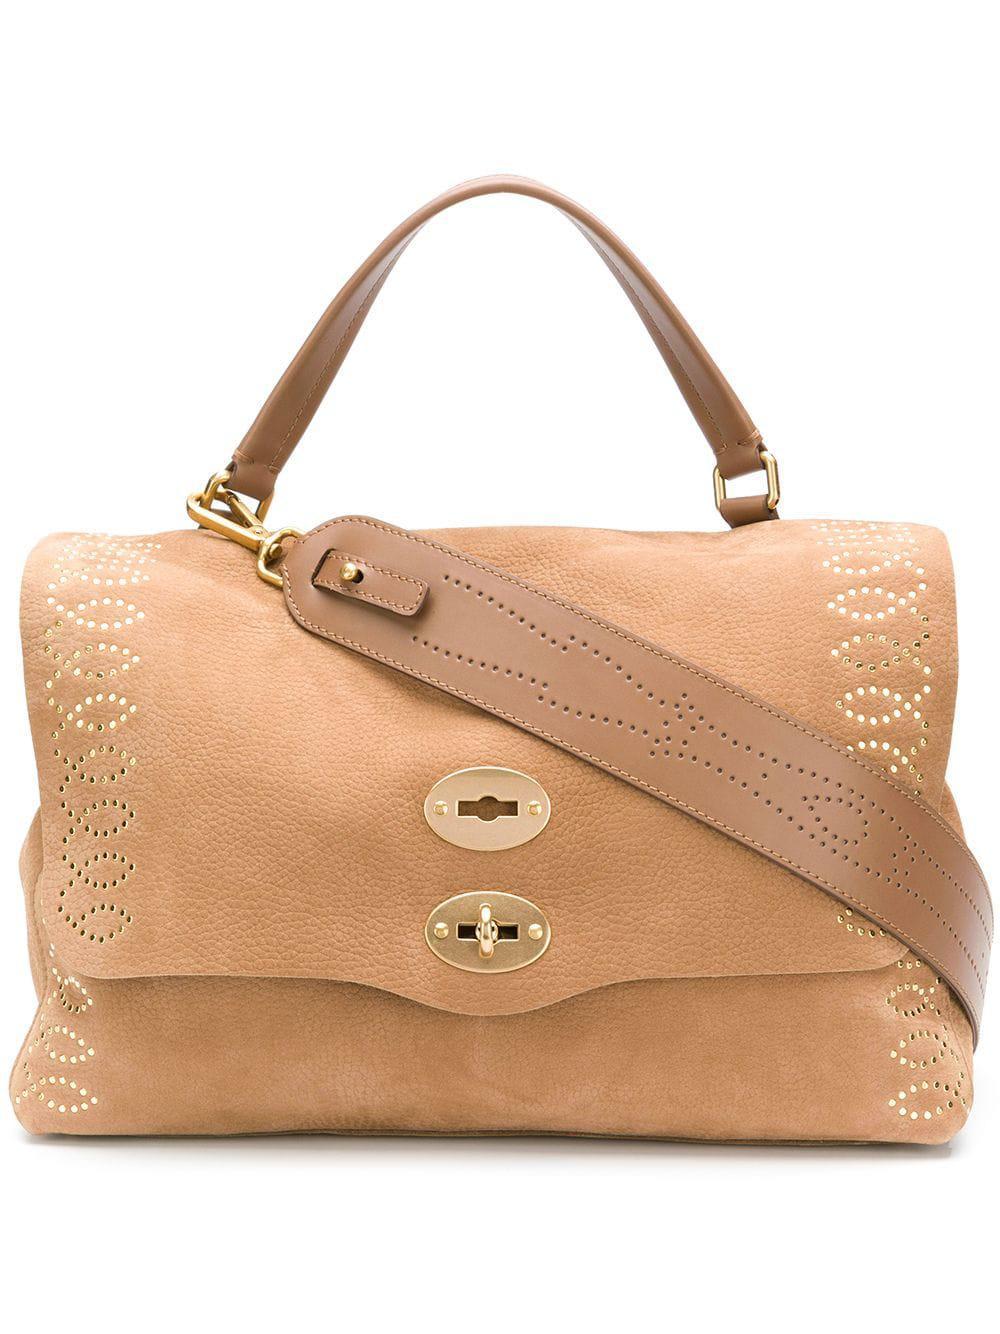 27d7bc88ec42 Lyst - Zanellato Postine M Leather Tote Bag in Brown